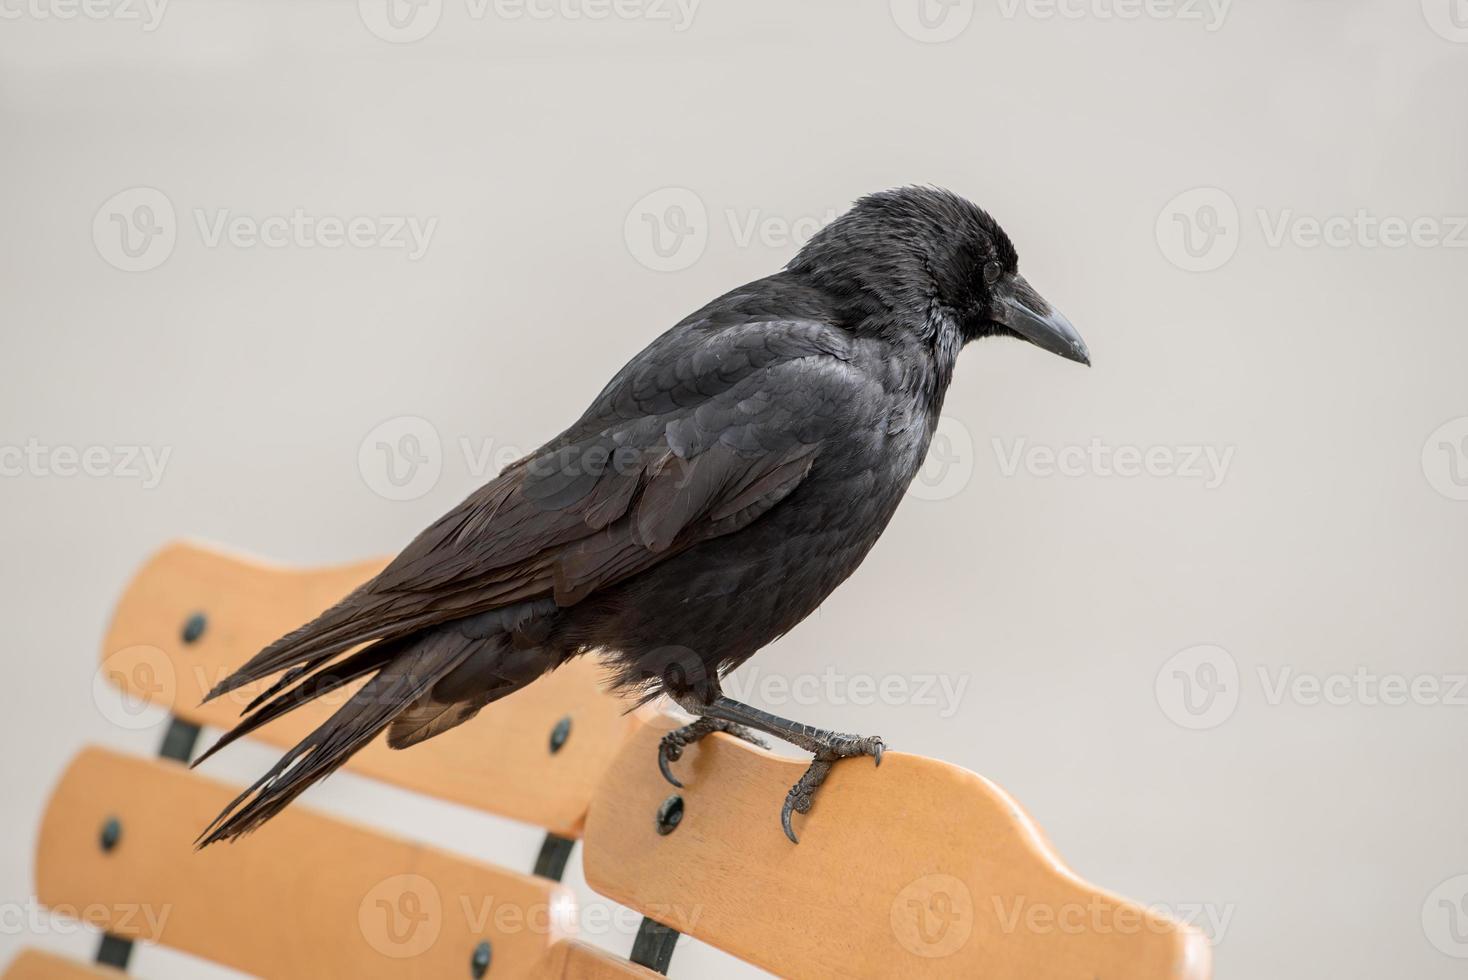 corvo sentado em uma cadeira foto